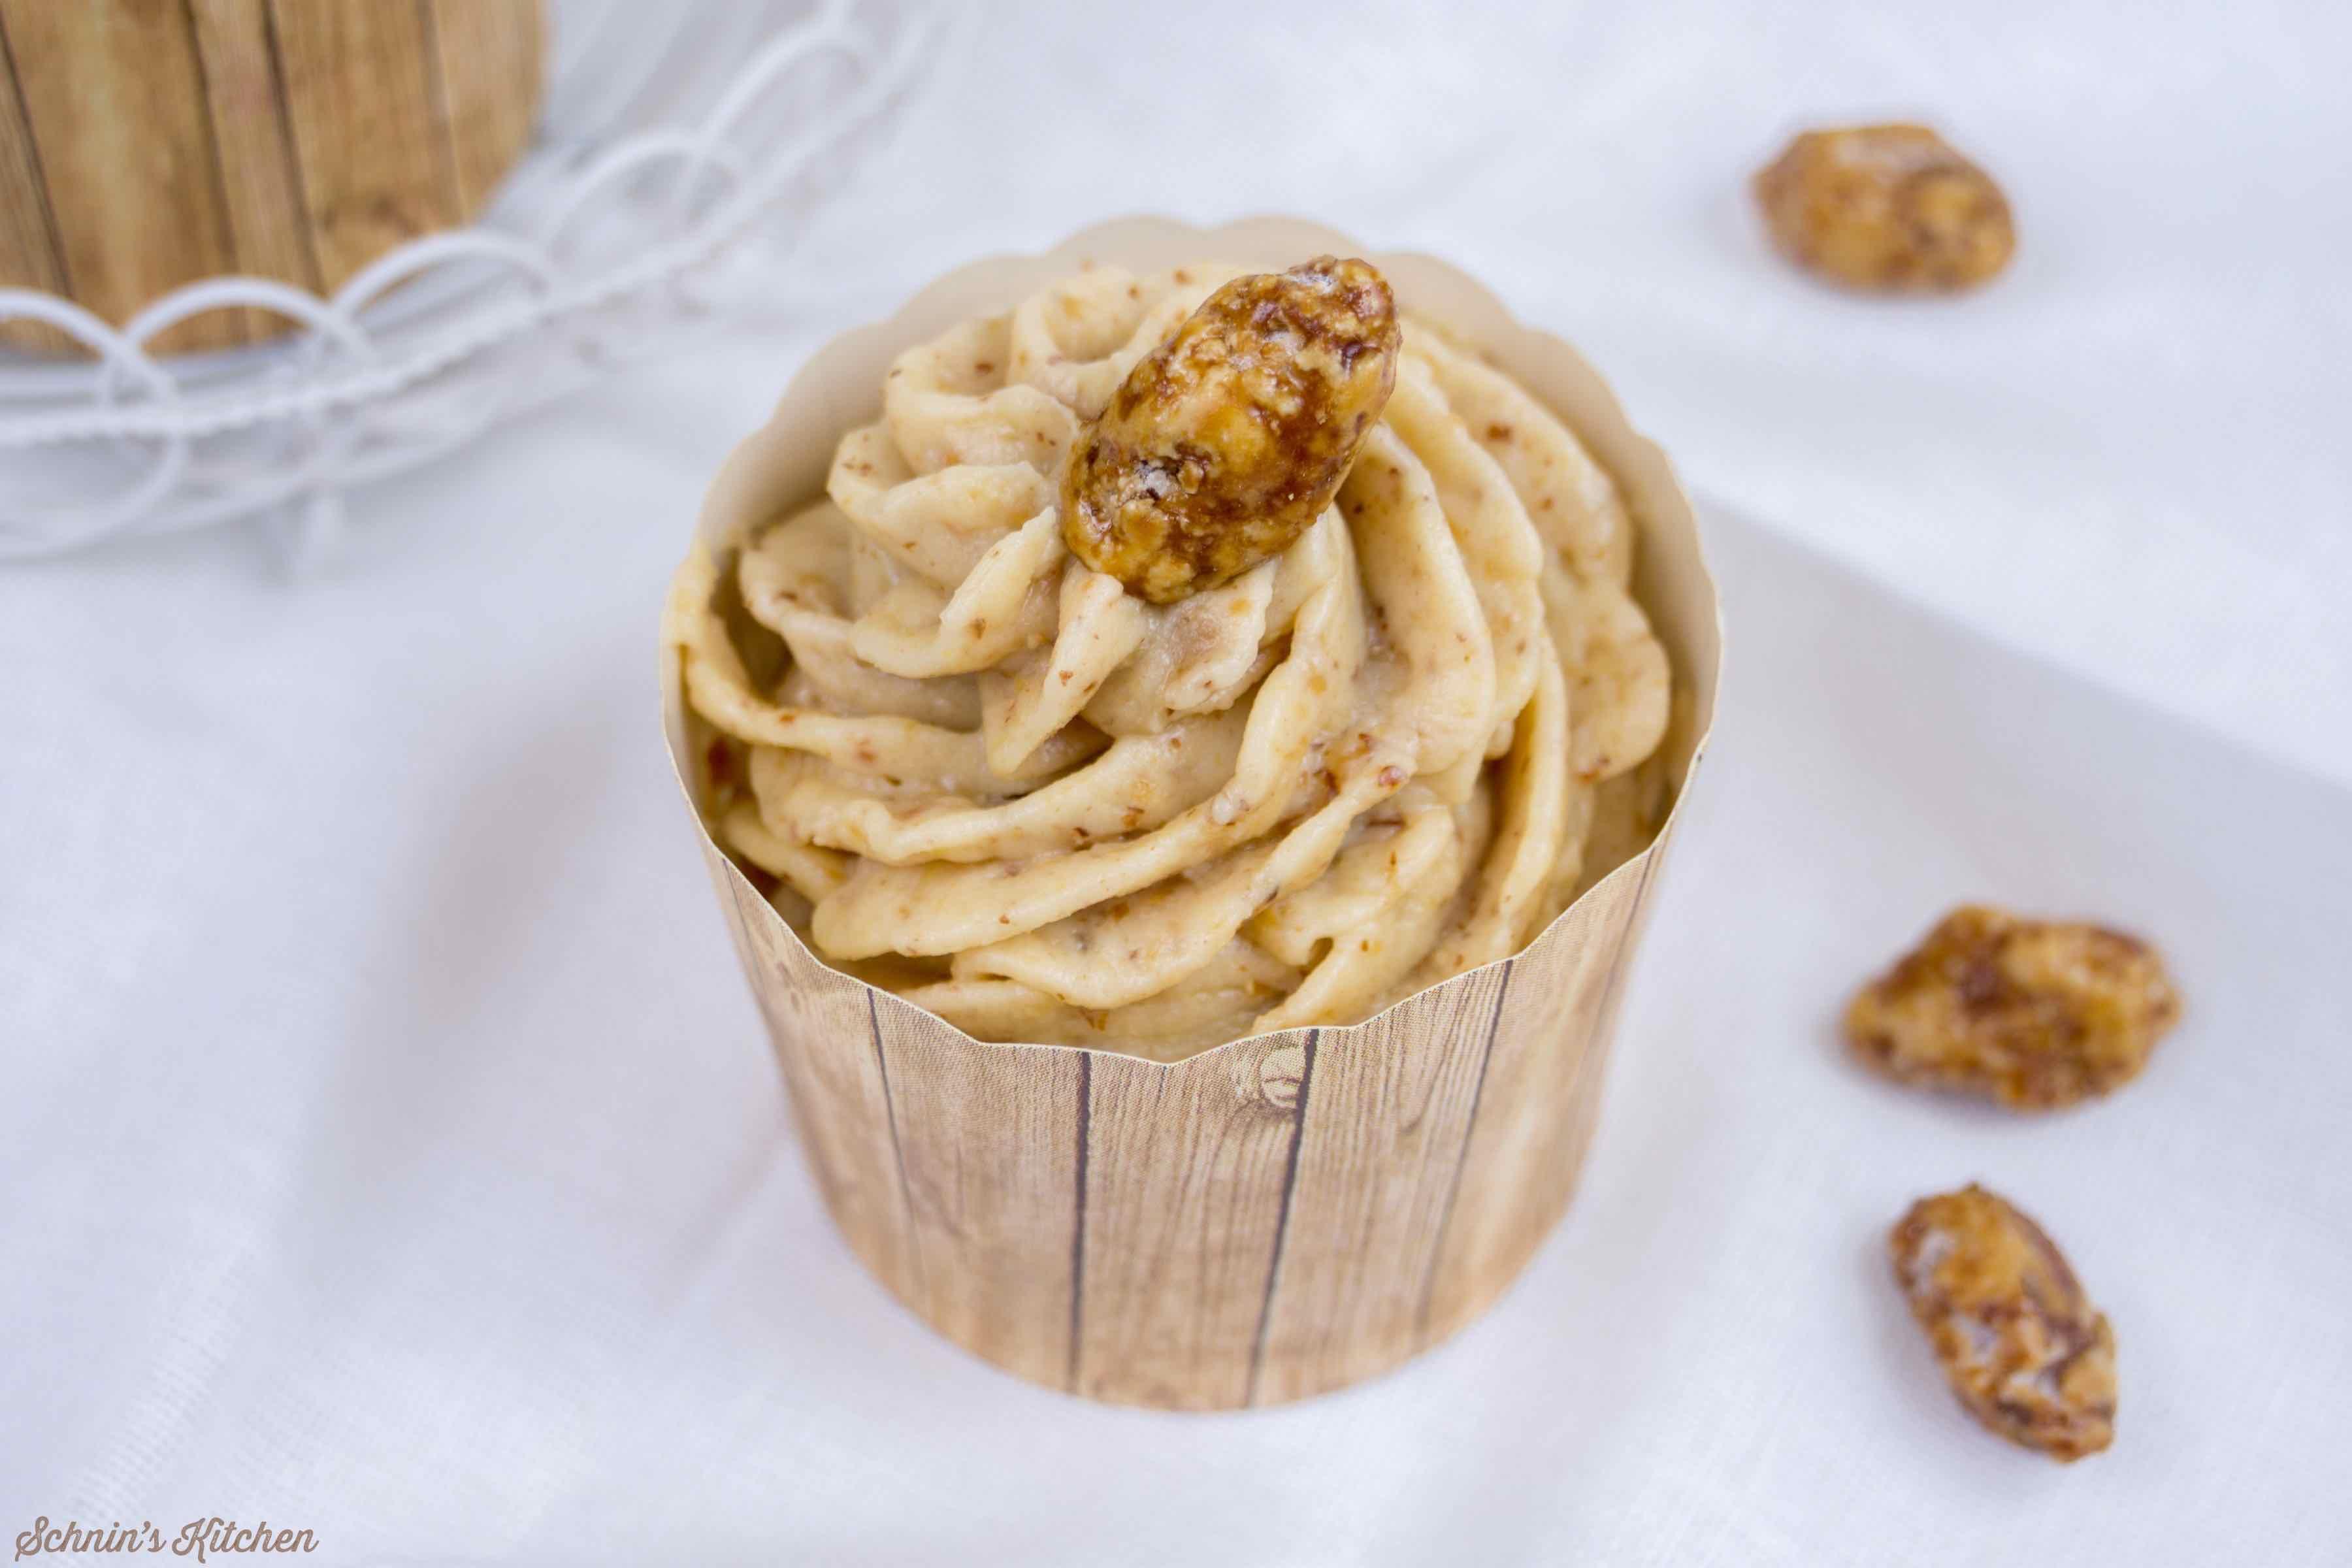 Gebrannte-Mandel-Cupcakes zur Adventsschlemmerei | www.schninskitchen.de